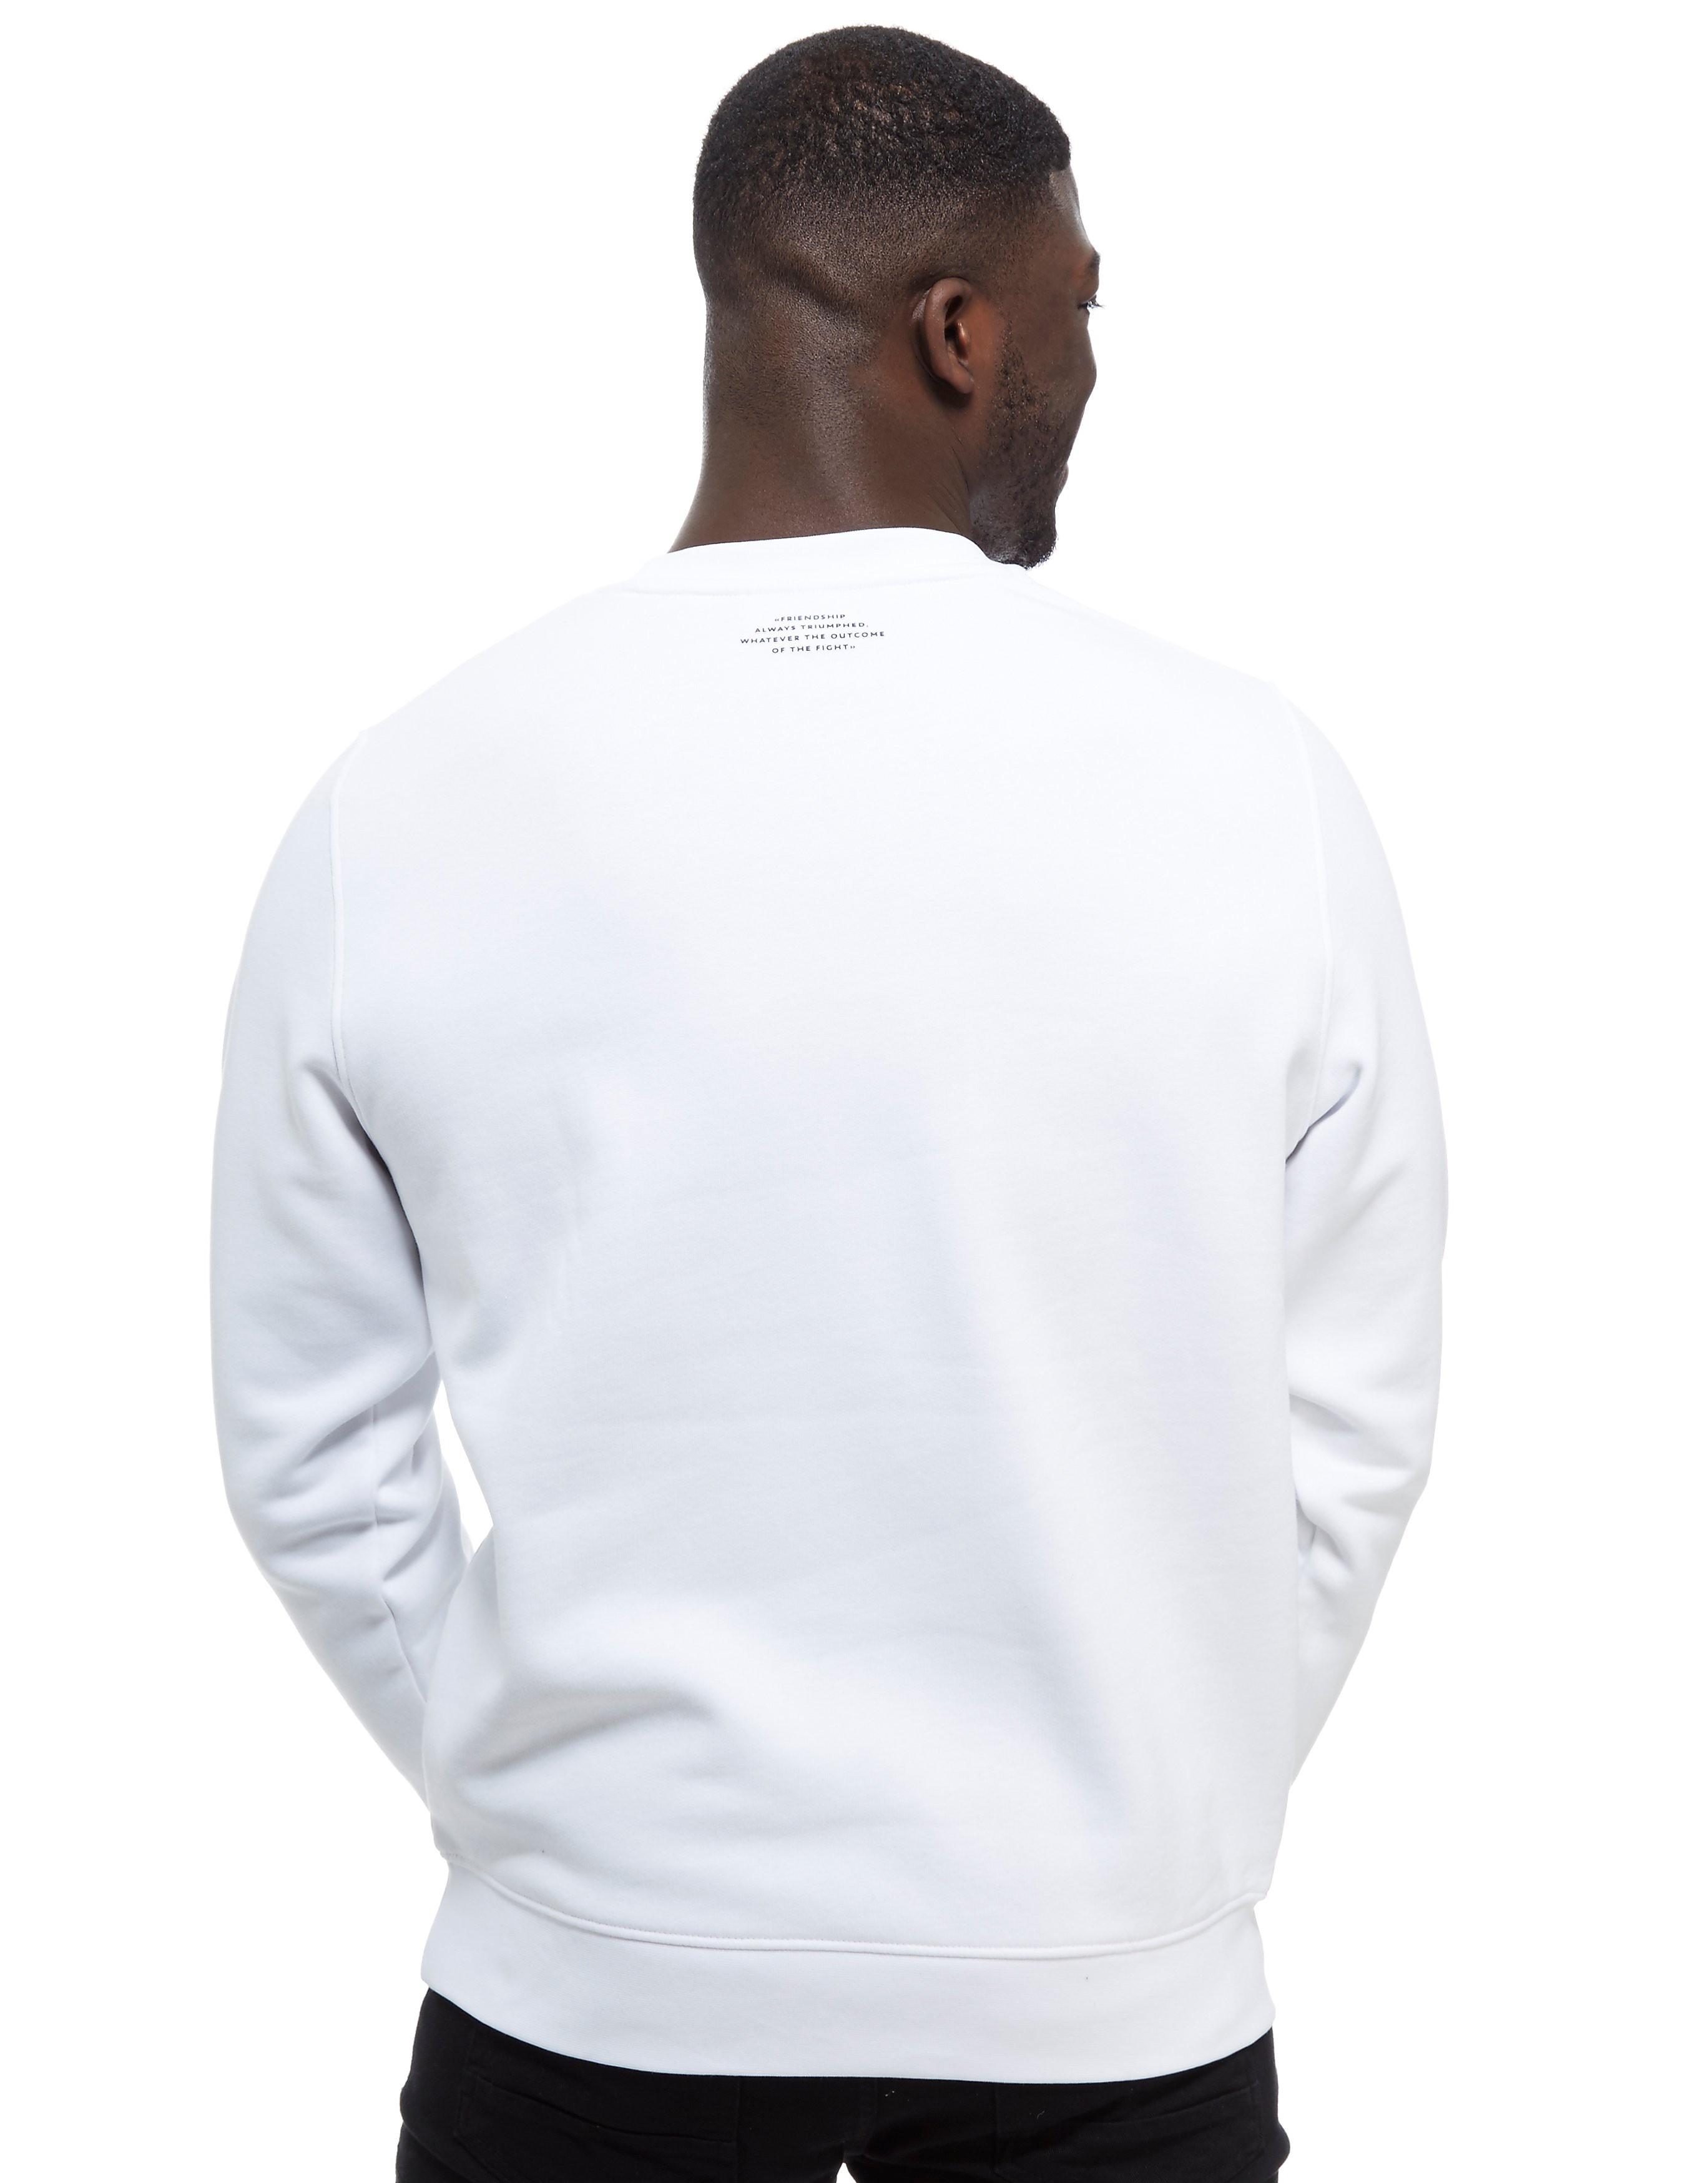 Lacoste Graphic Crew Sweatshirt